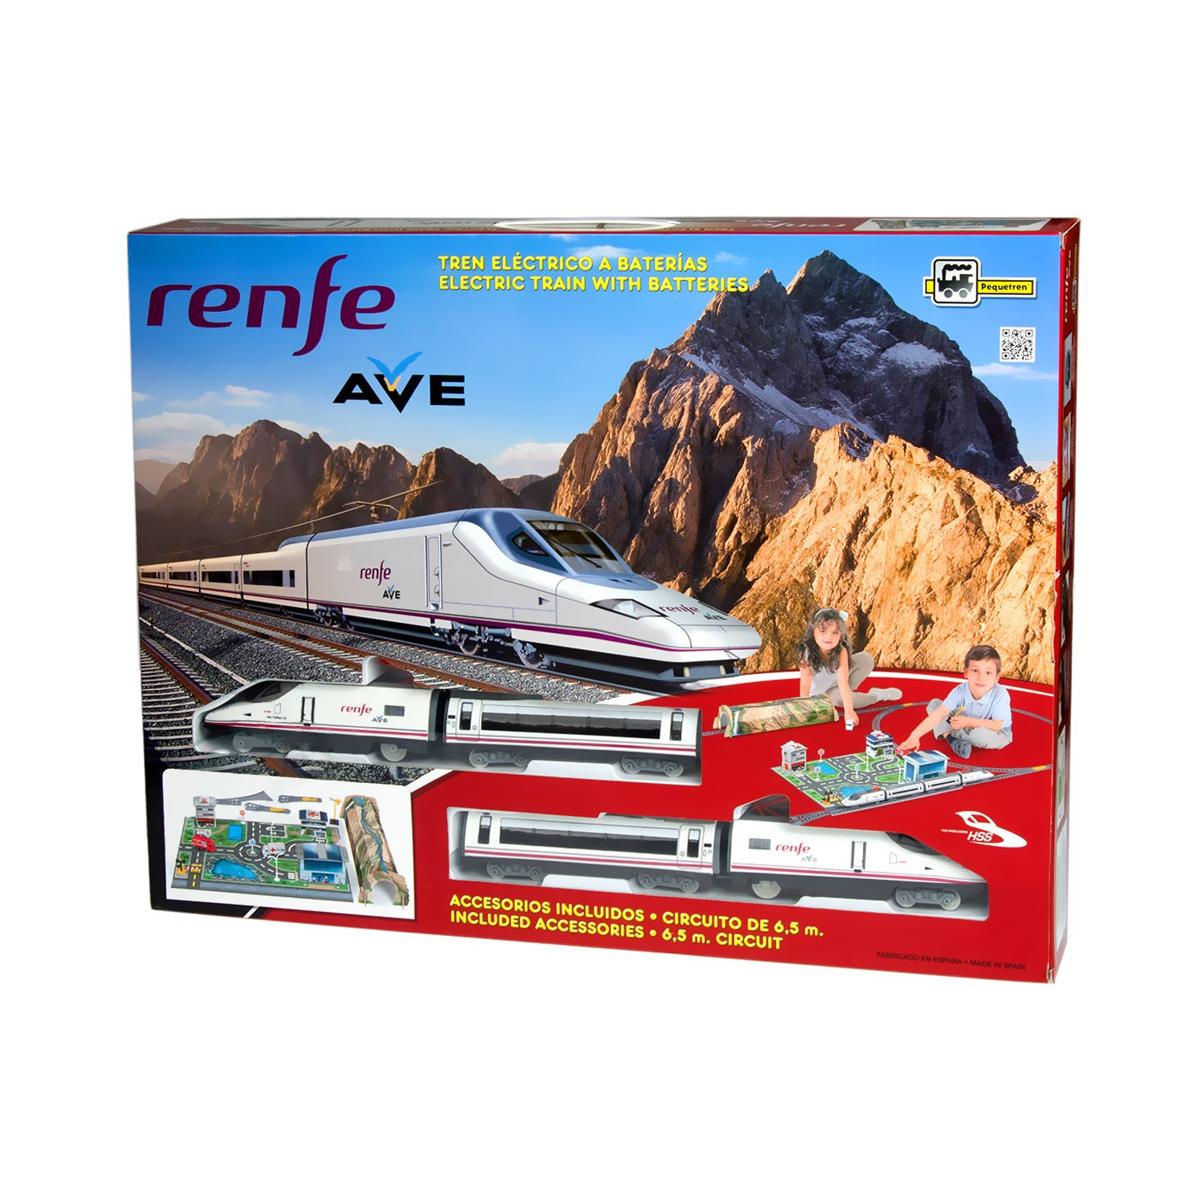 Железная дорога Pequetren 6,5 м восьмерка - 1локомоти, 3 вагона, светофор, тоннель, стрелочный перевод<br>